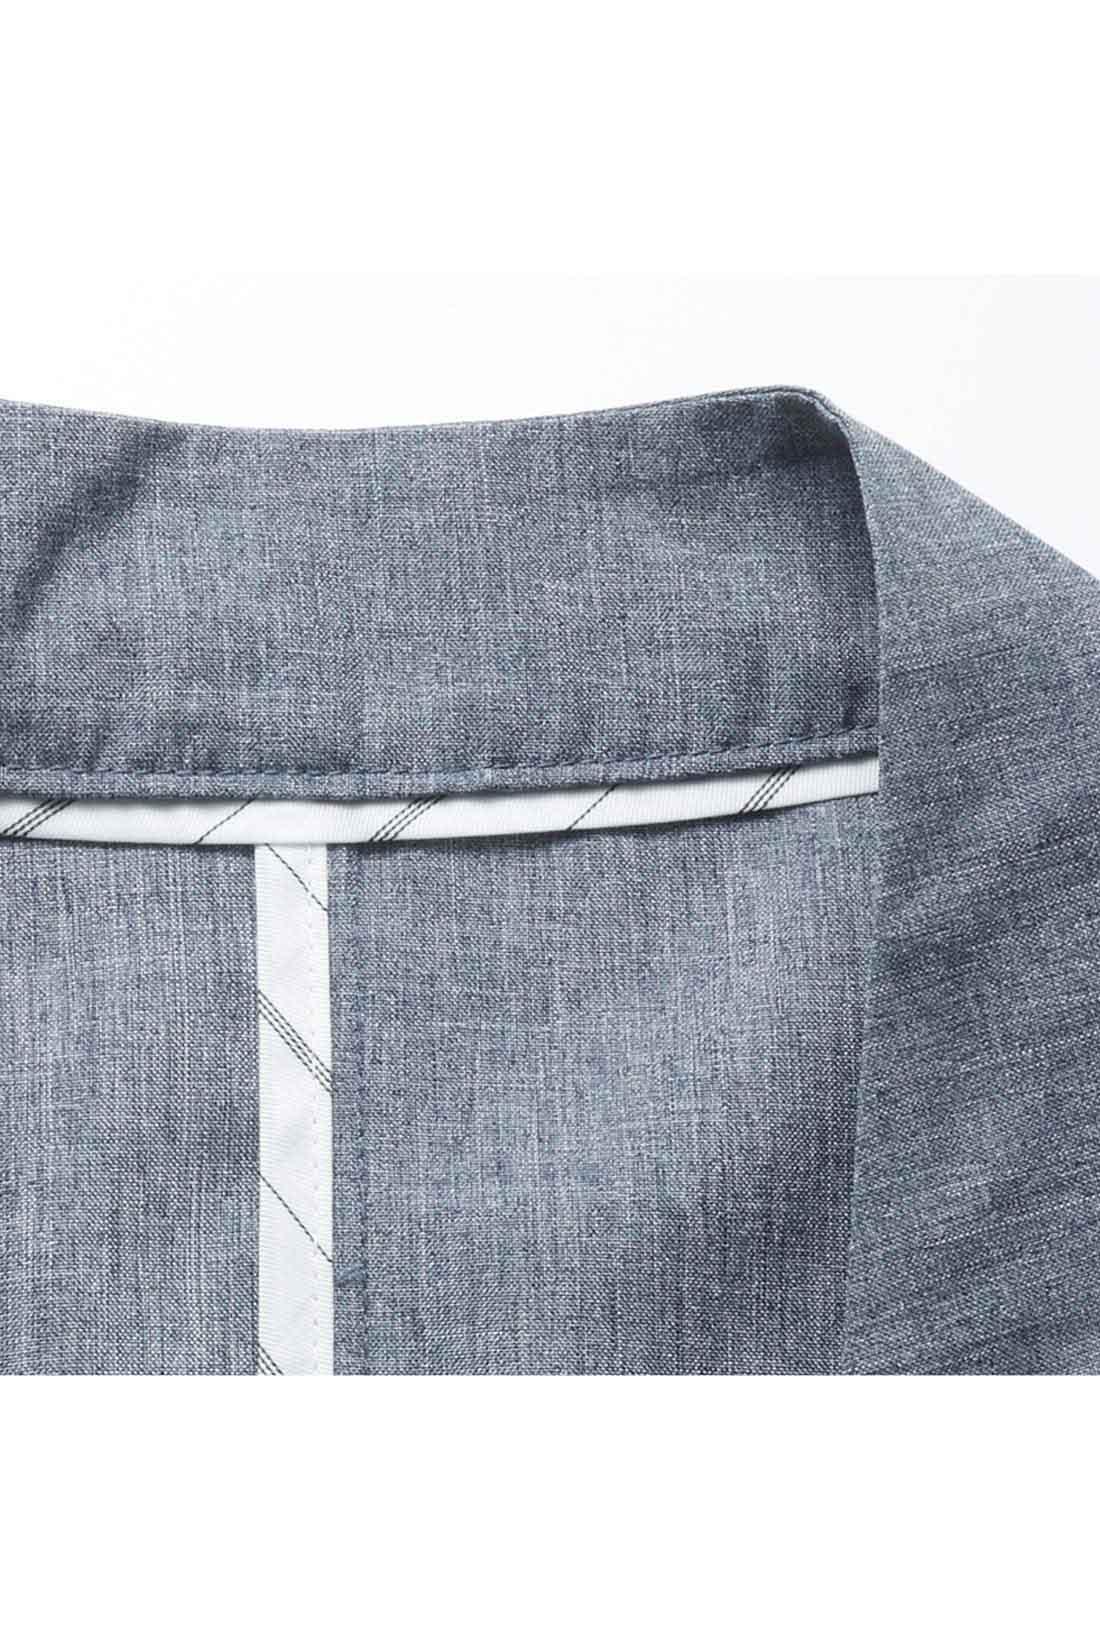 縫製が肌に直接ふれないようストライプのパイピングでカバー。脱いだときにもアクセントに。 ※お届けするカラーとは異なります。